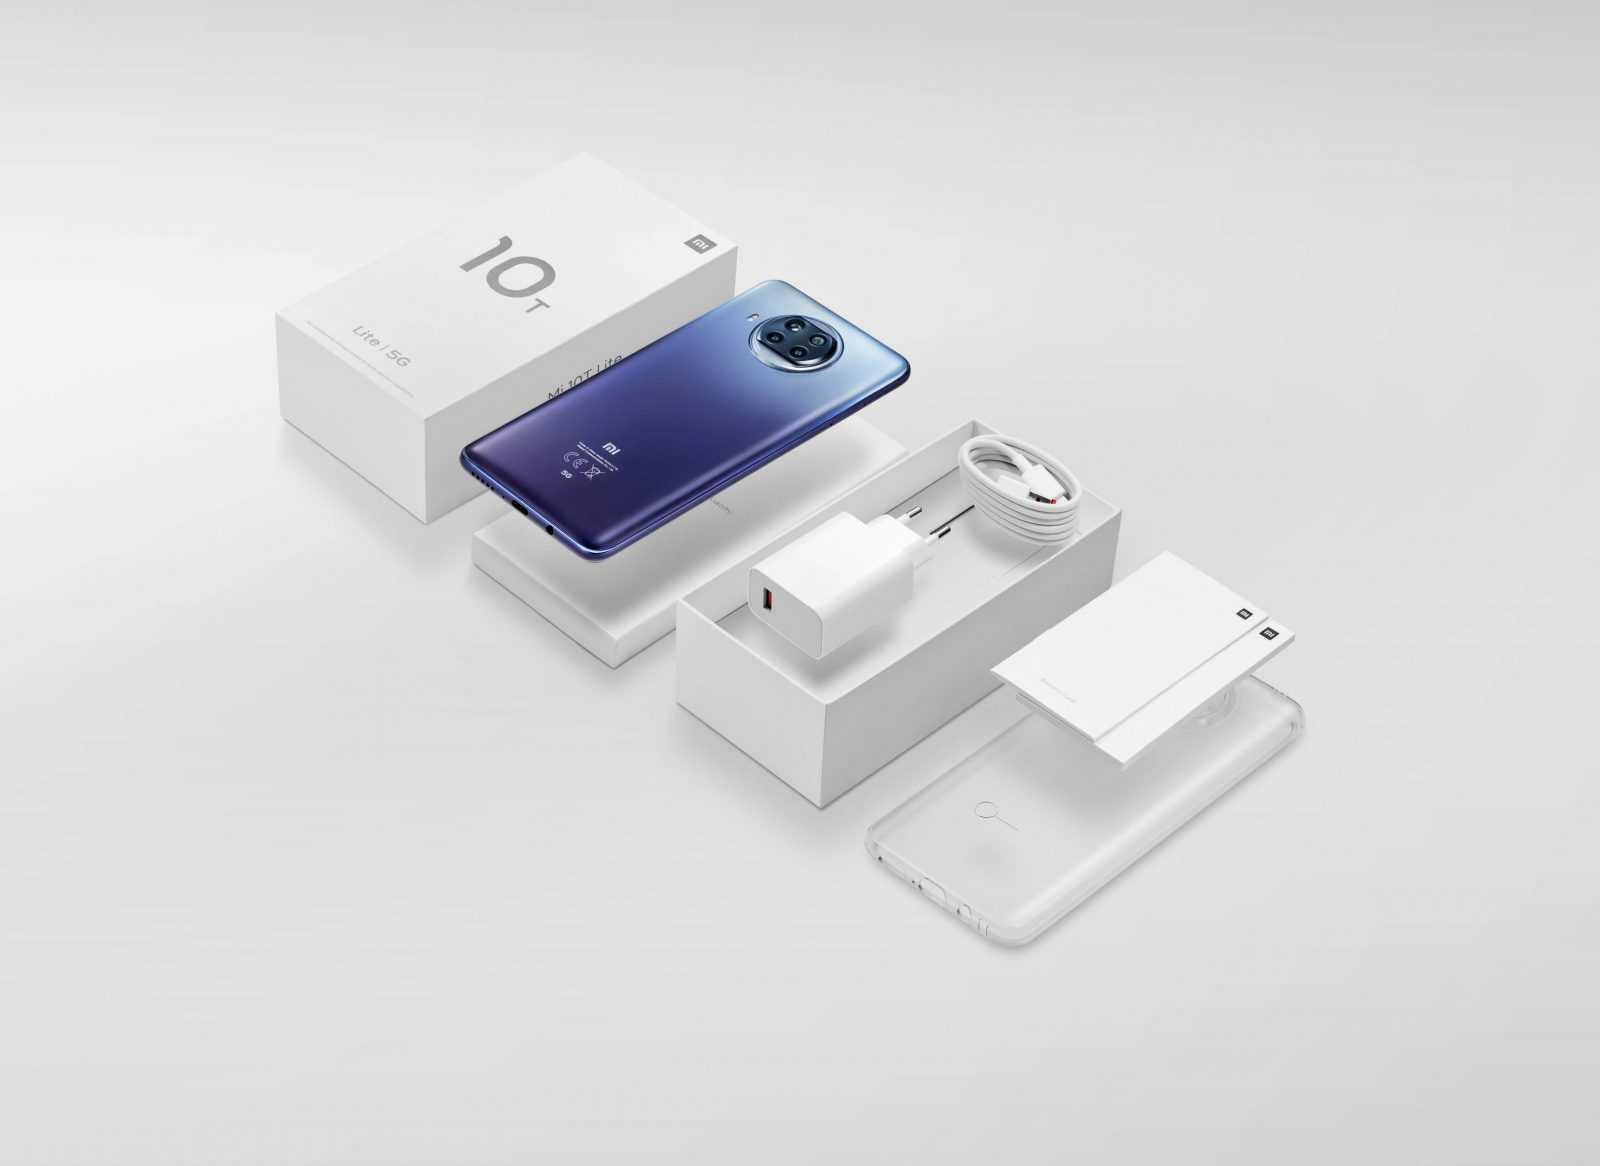 Xiaomi turpina iesmiet par Apple